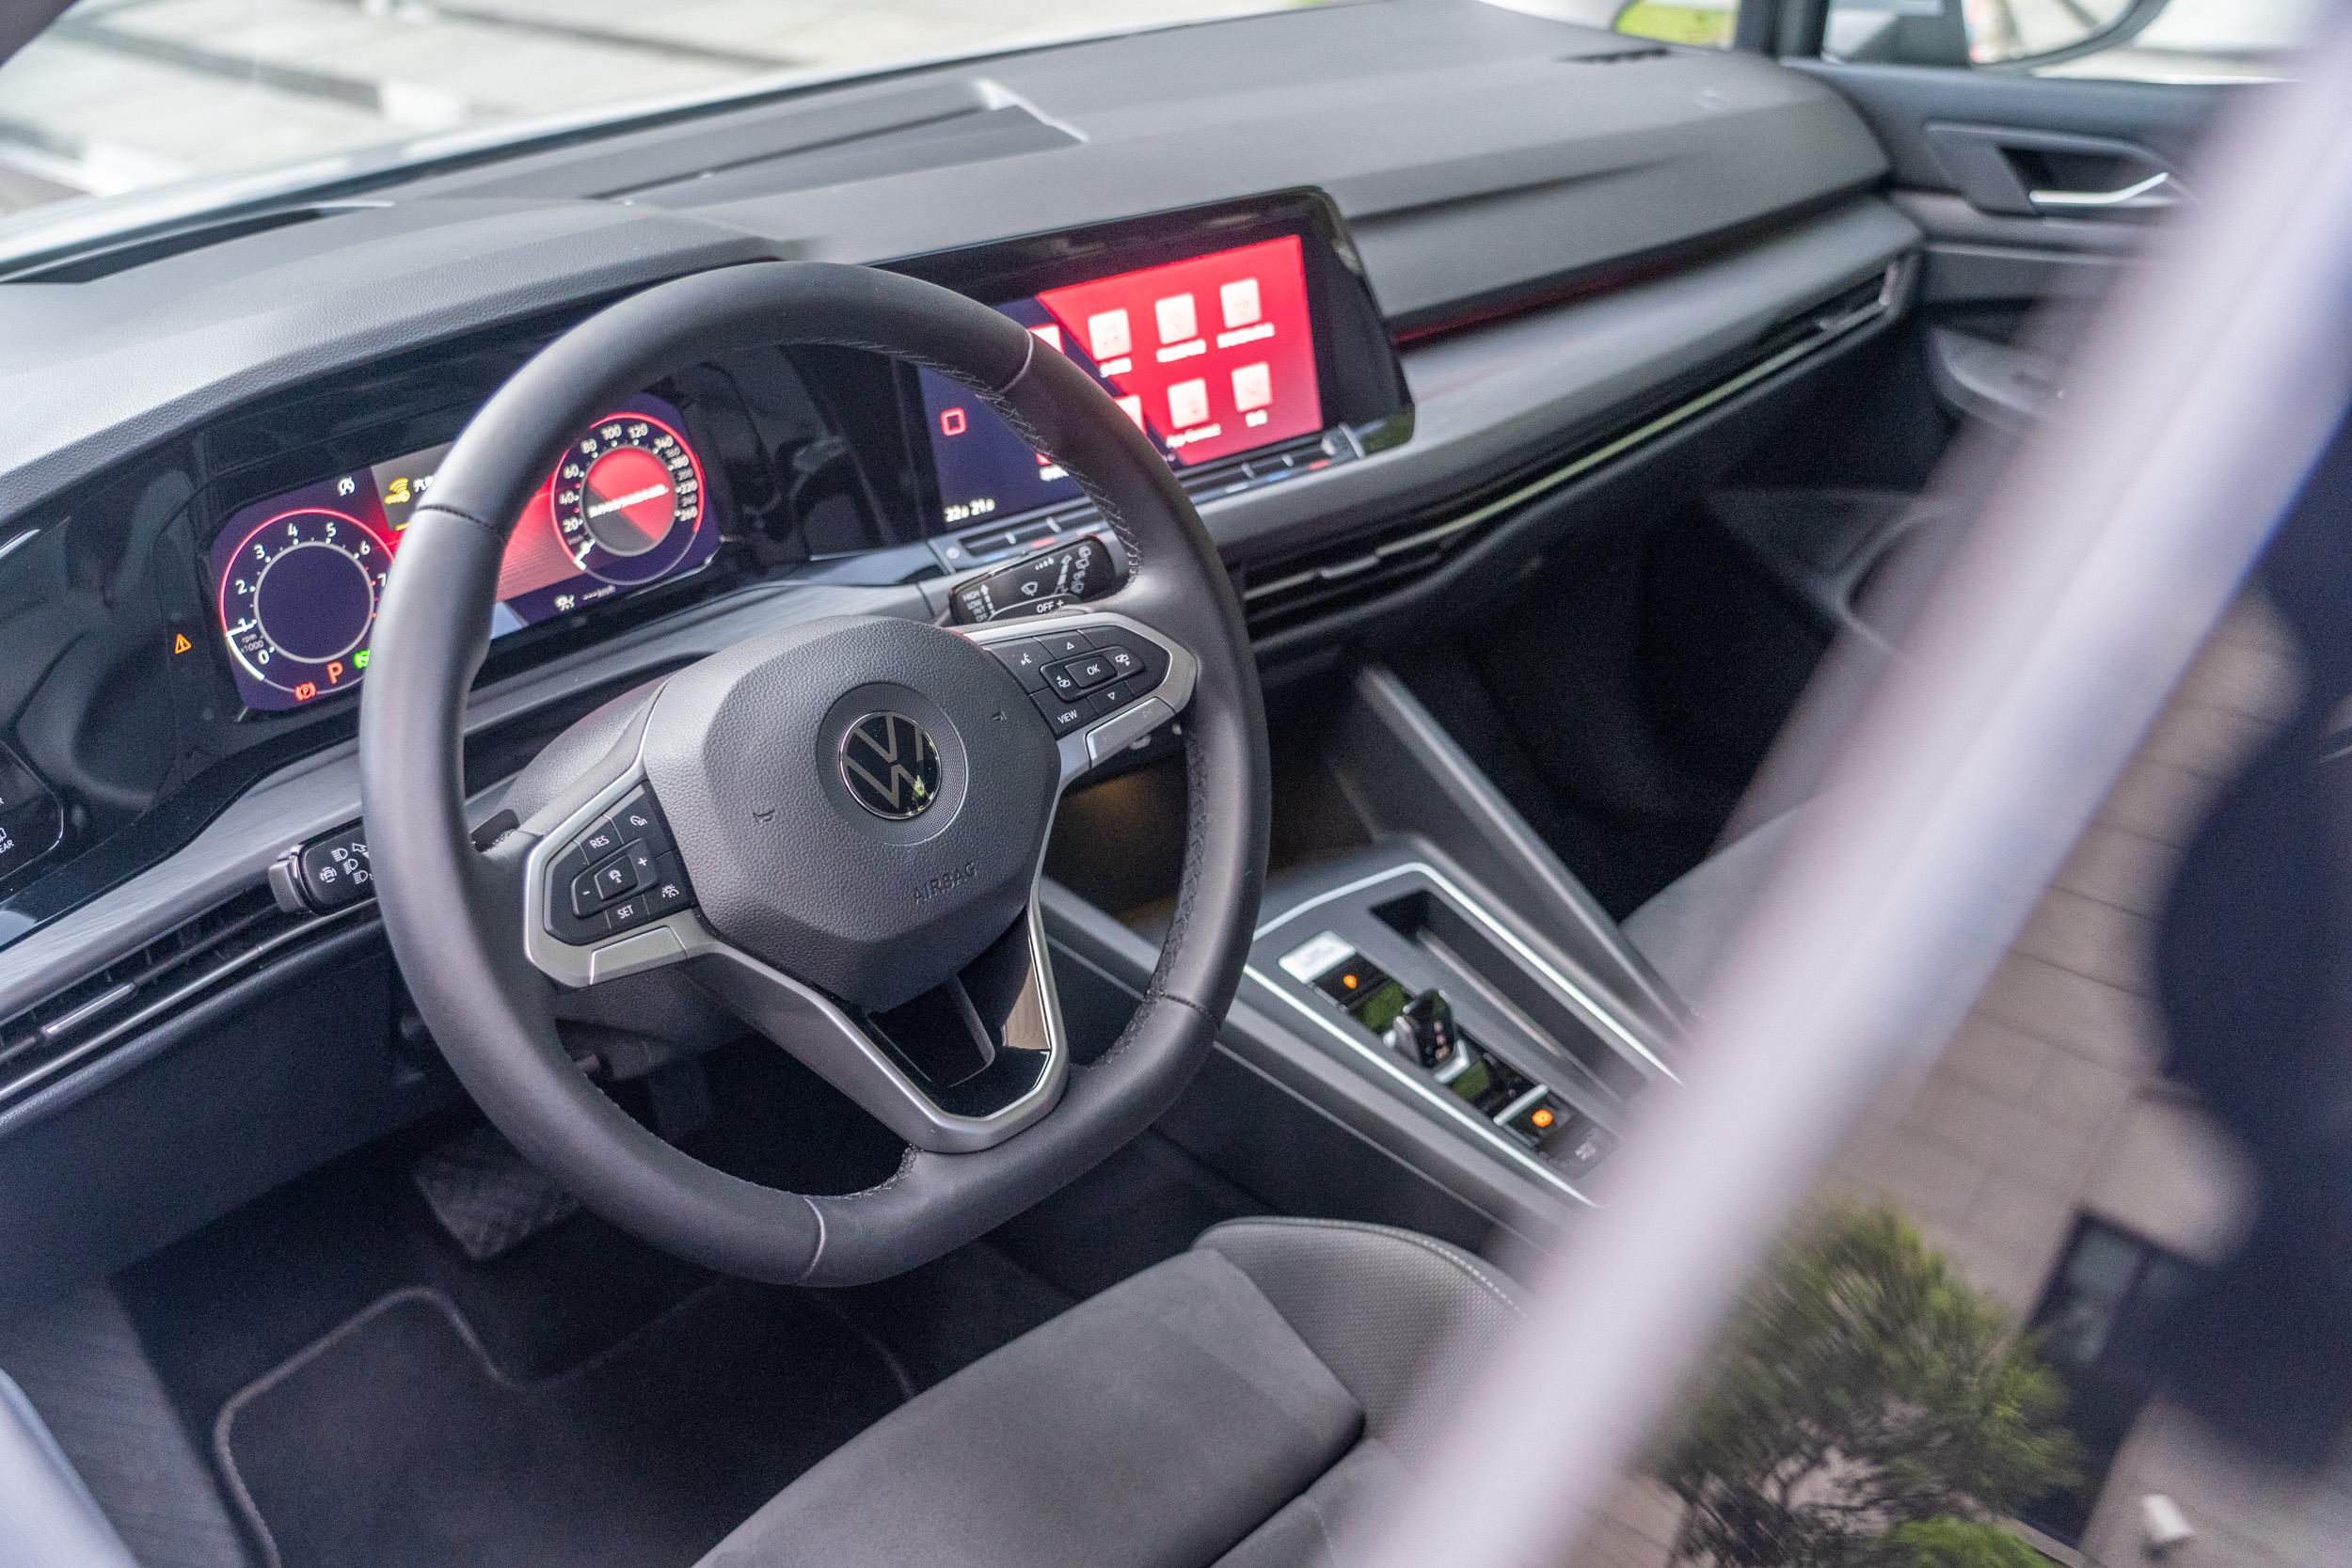 配備三幅式真皮多功能方向盤,R-Line 車型的方向盤更有觸控功能。